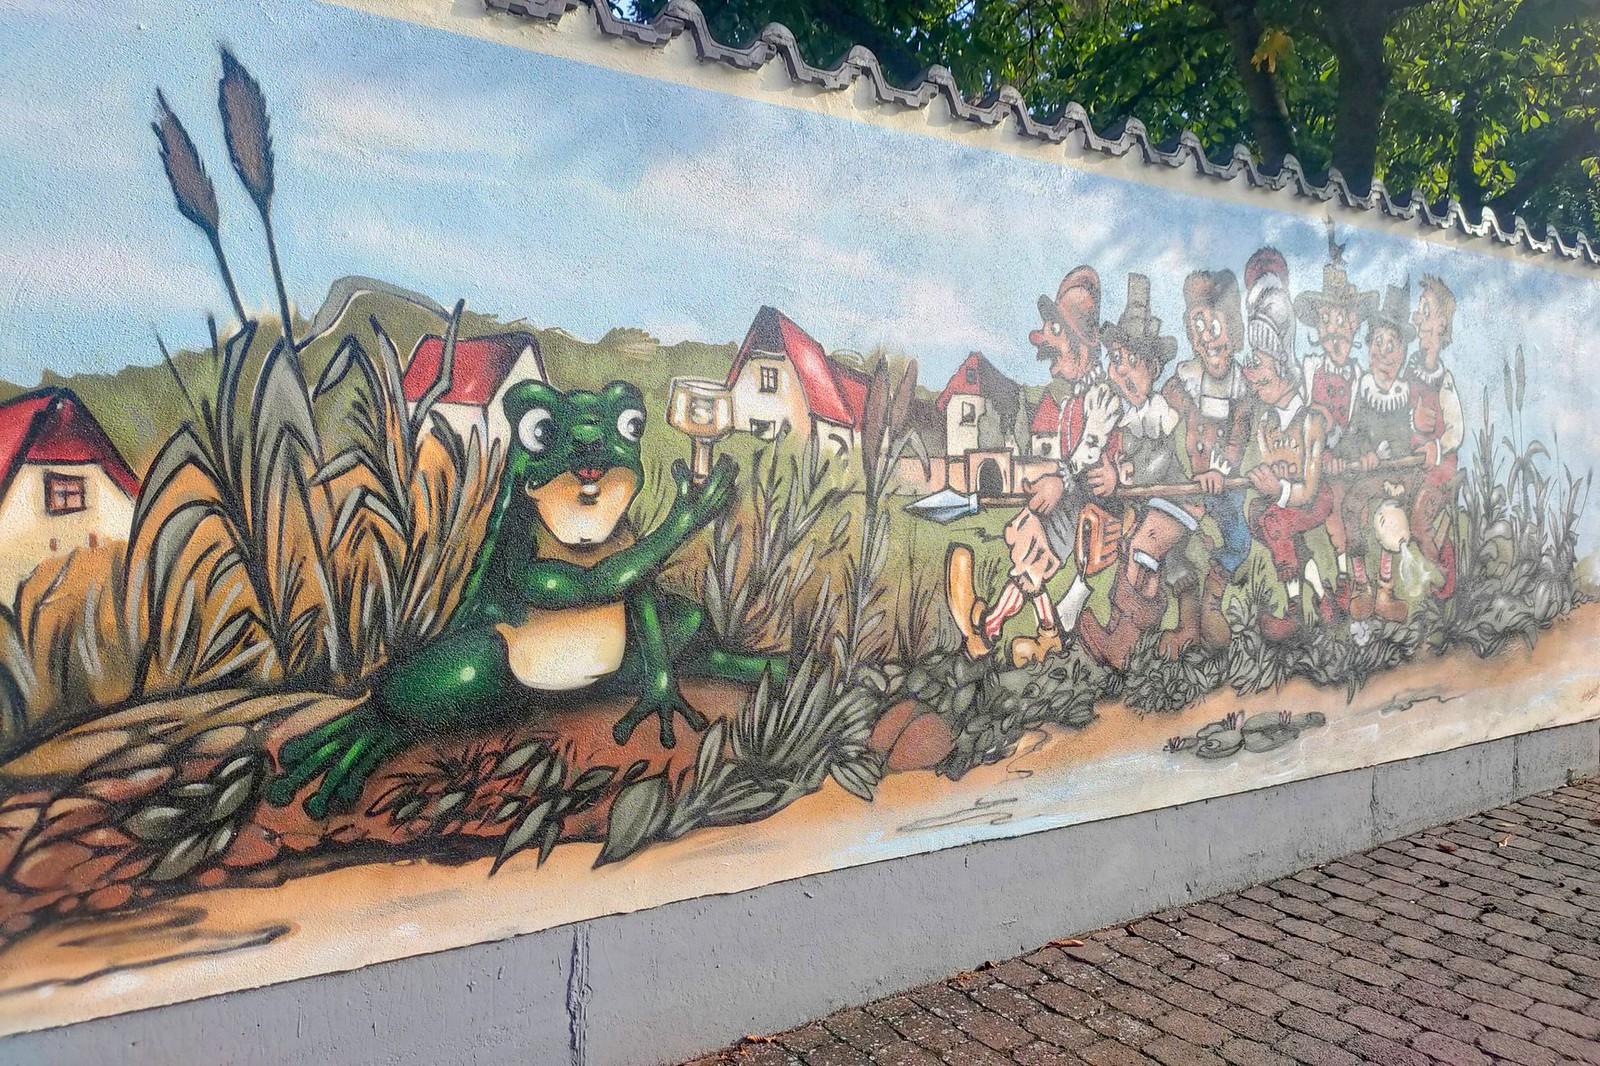 Selzer Frosch - Originalgetreue Nachbildung des berühmten Wandgemäldes in der Gaststätte Selzer Frosch